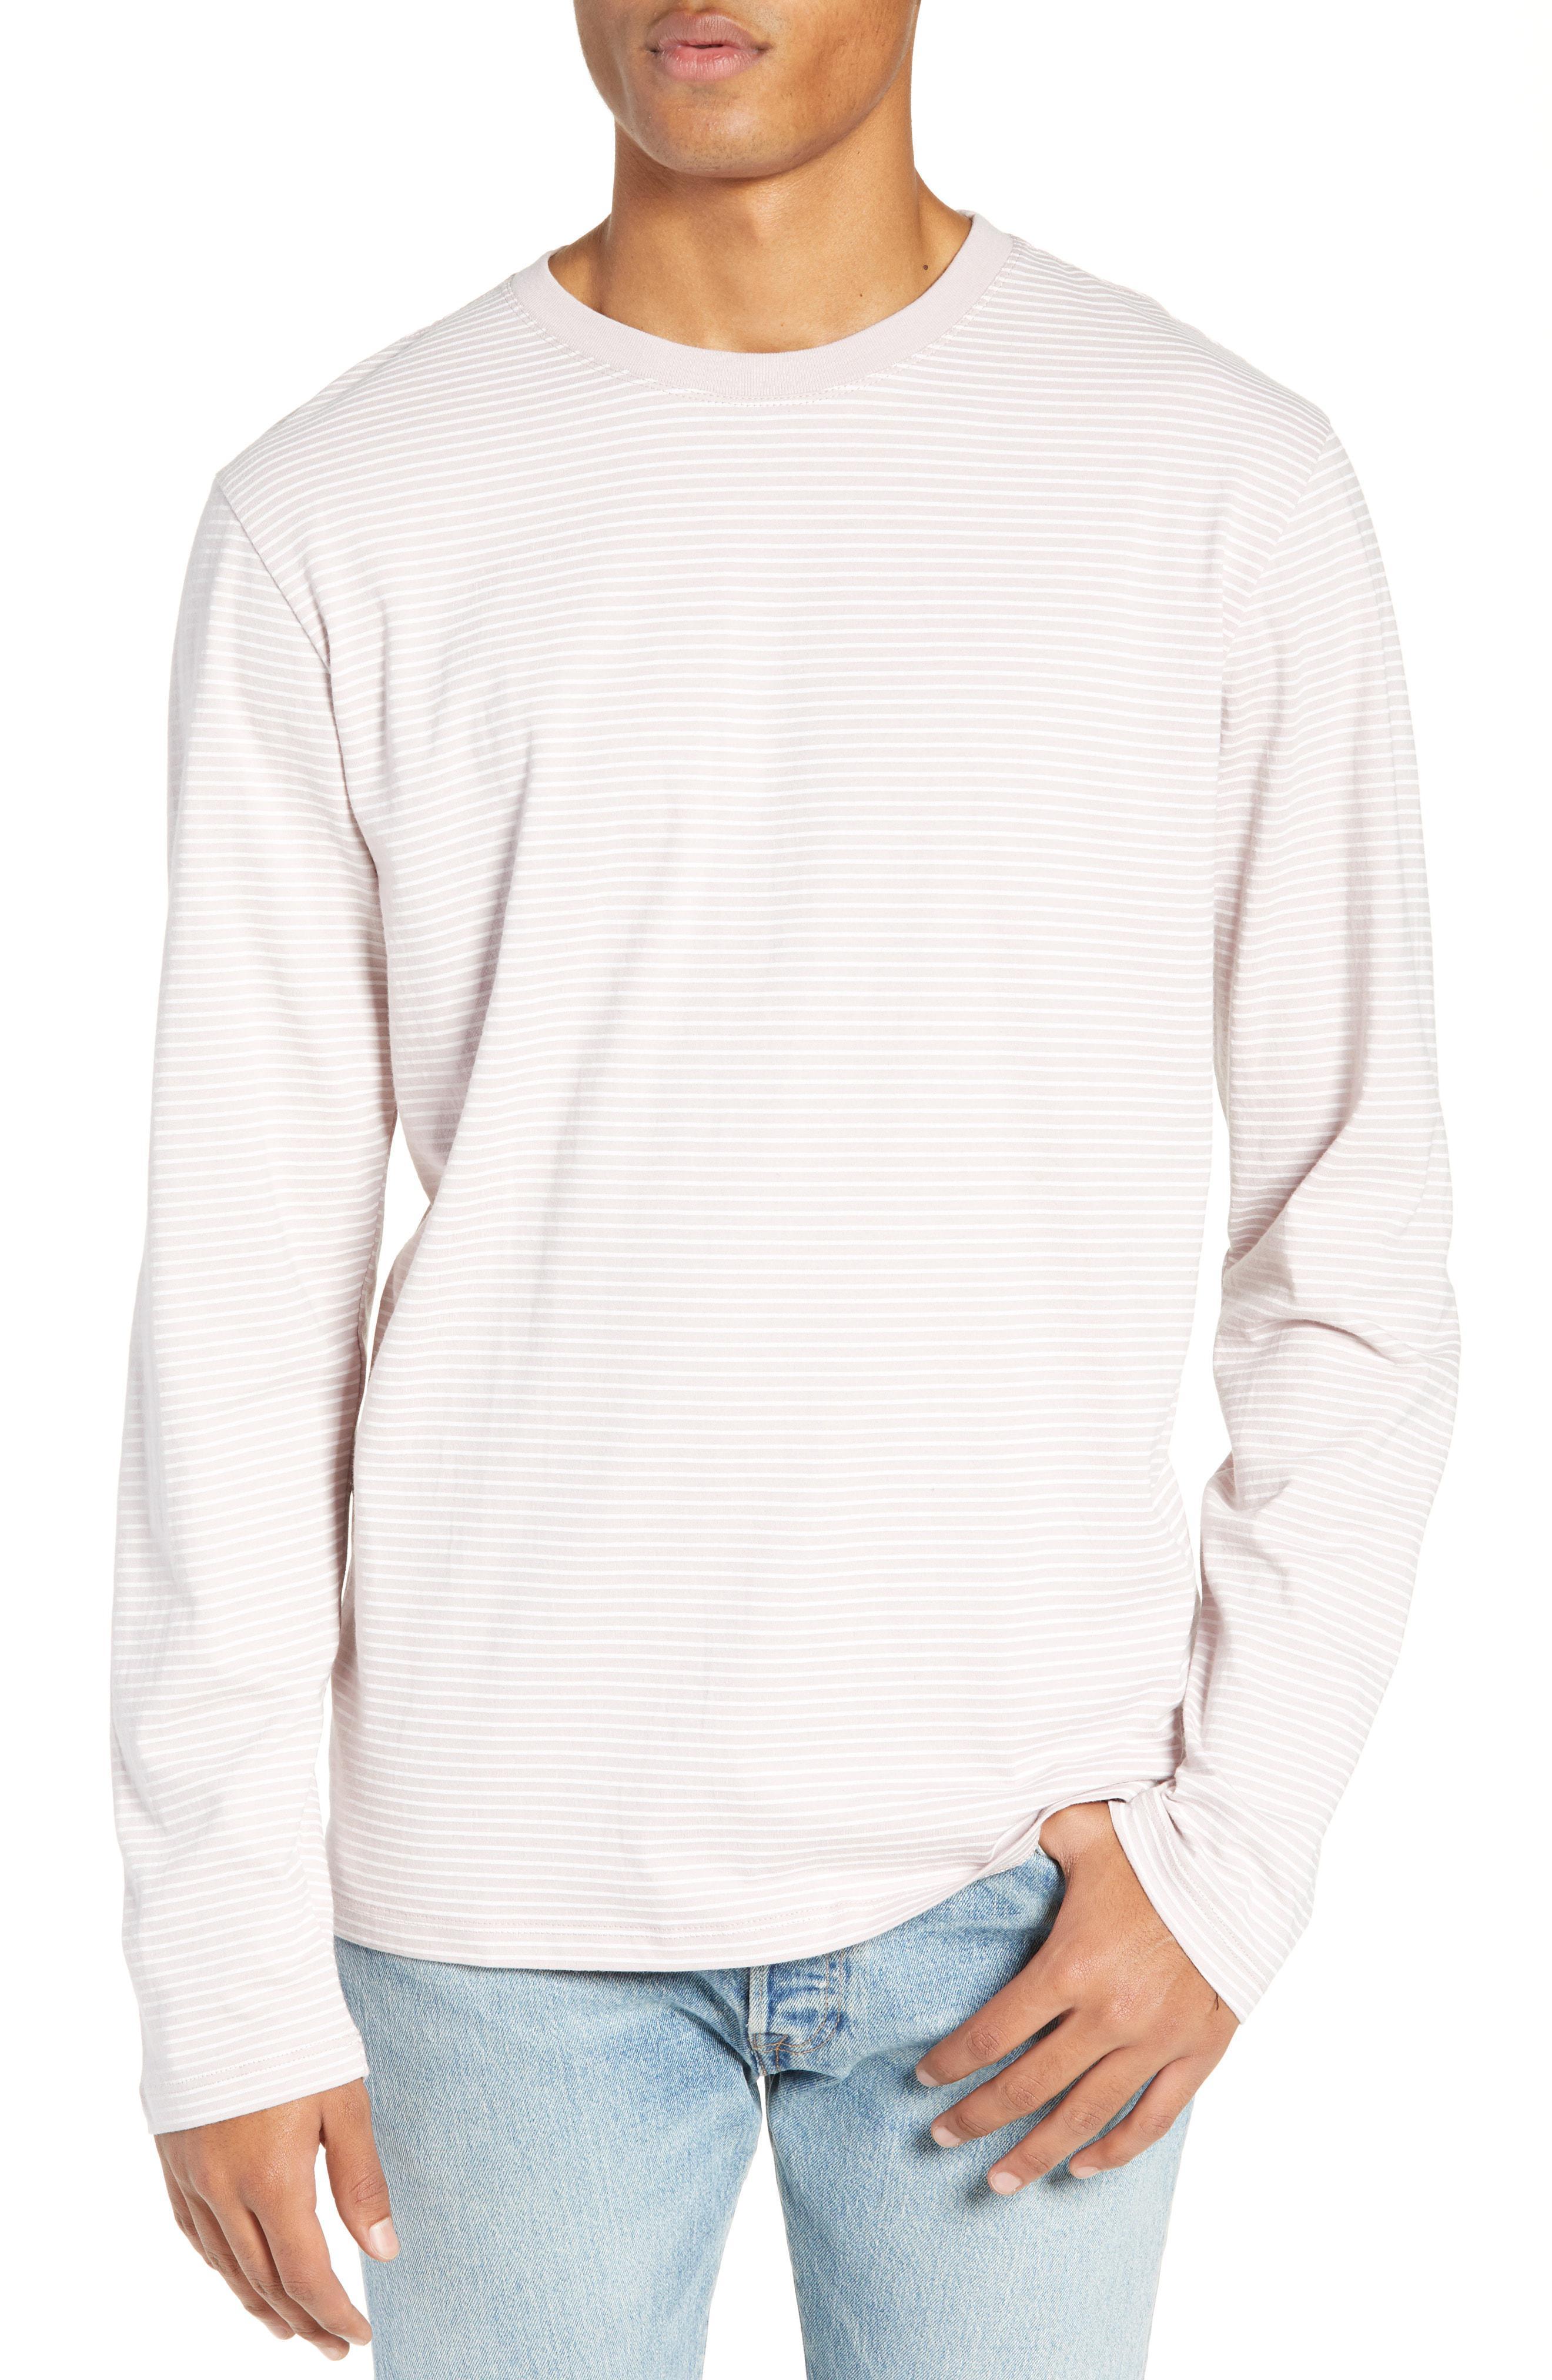 7e1362a93d Vans Engineered Stripe Long Sleeve T-shirt for Men - Lyst